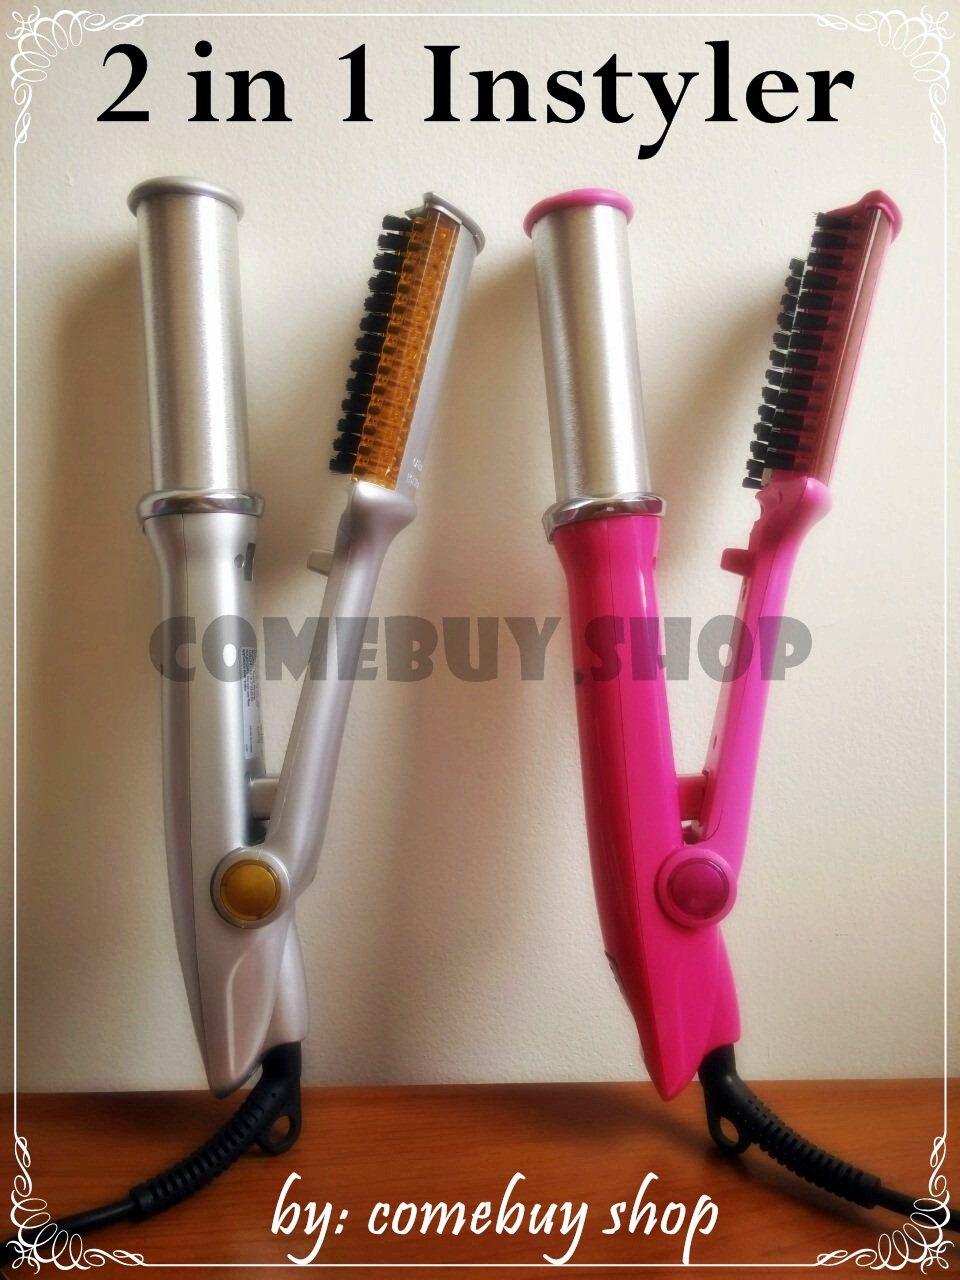 Buy Hot Item Instyler Hair Rotating Iron Curler Deals For Catokan In Styler Fungsi 1 Bisa Untuk Meluruskan Bahkan Rambut Yang Keriting Sekalipun 2 Natural 3 Memasukkan Bagian Bawah